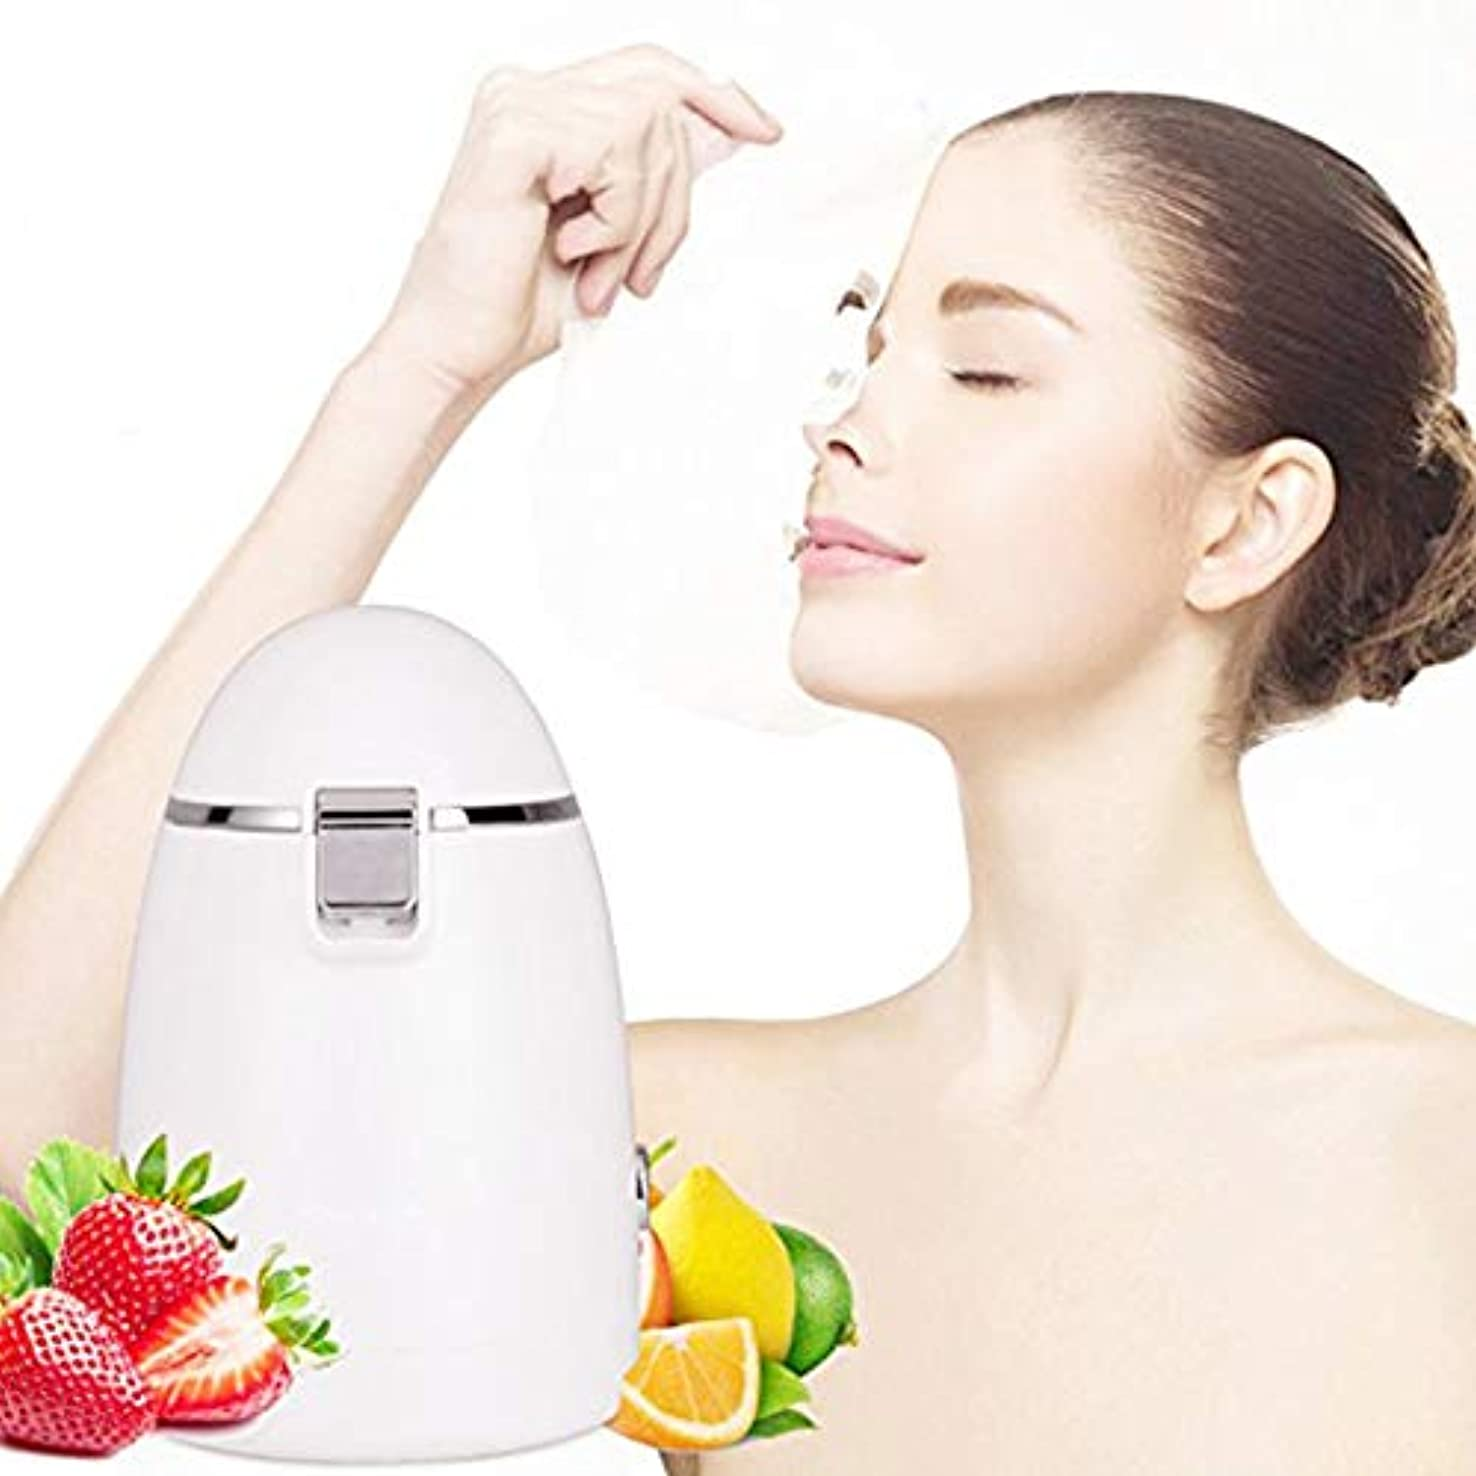 どきどき痛みモスマスクマシン、自家製家庭用マスクマシン自動多機能攪拌加熱果物と野菜 DIY マスクフルーツマスク